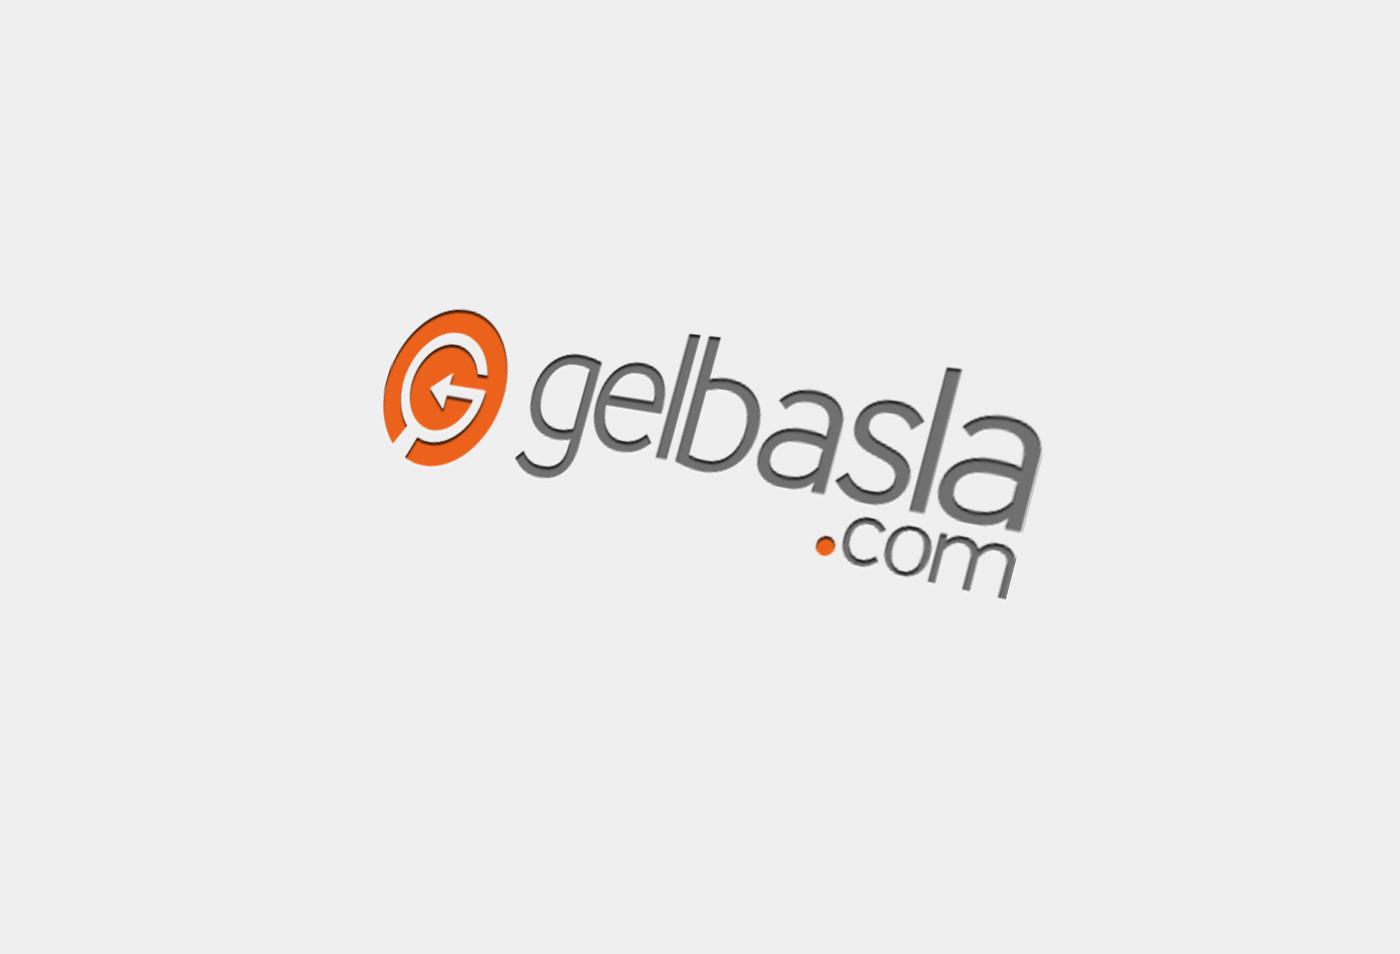 Gelbasla.com 2018